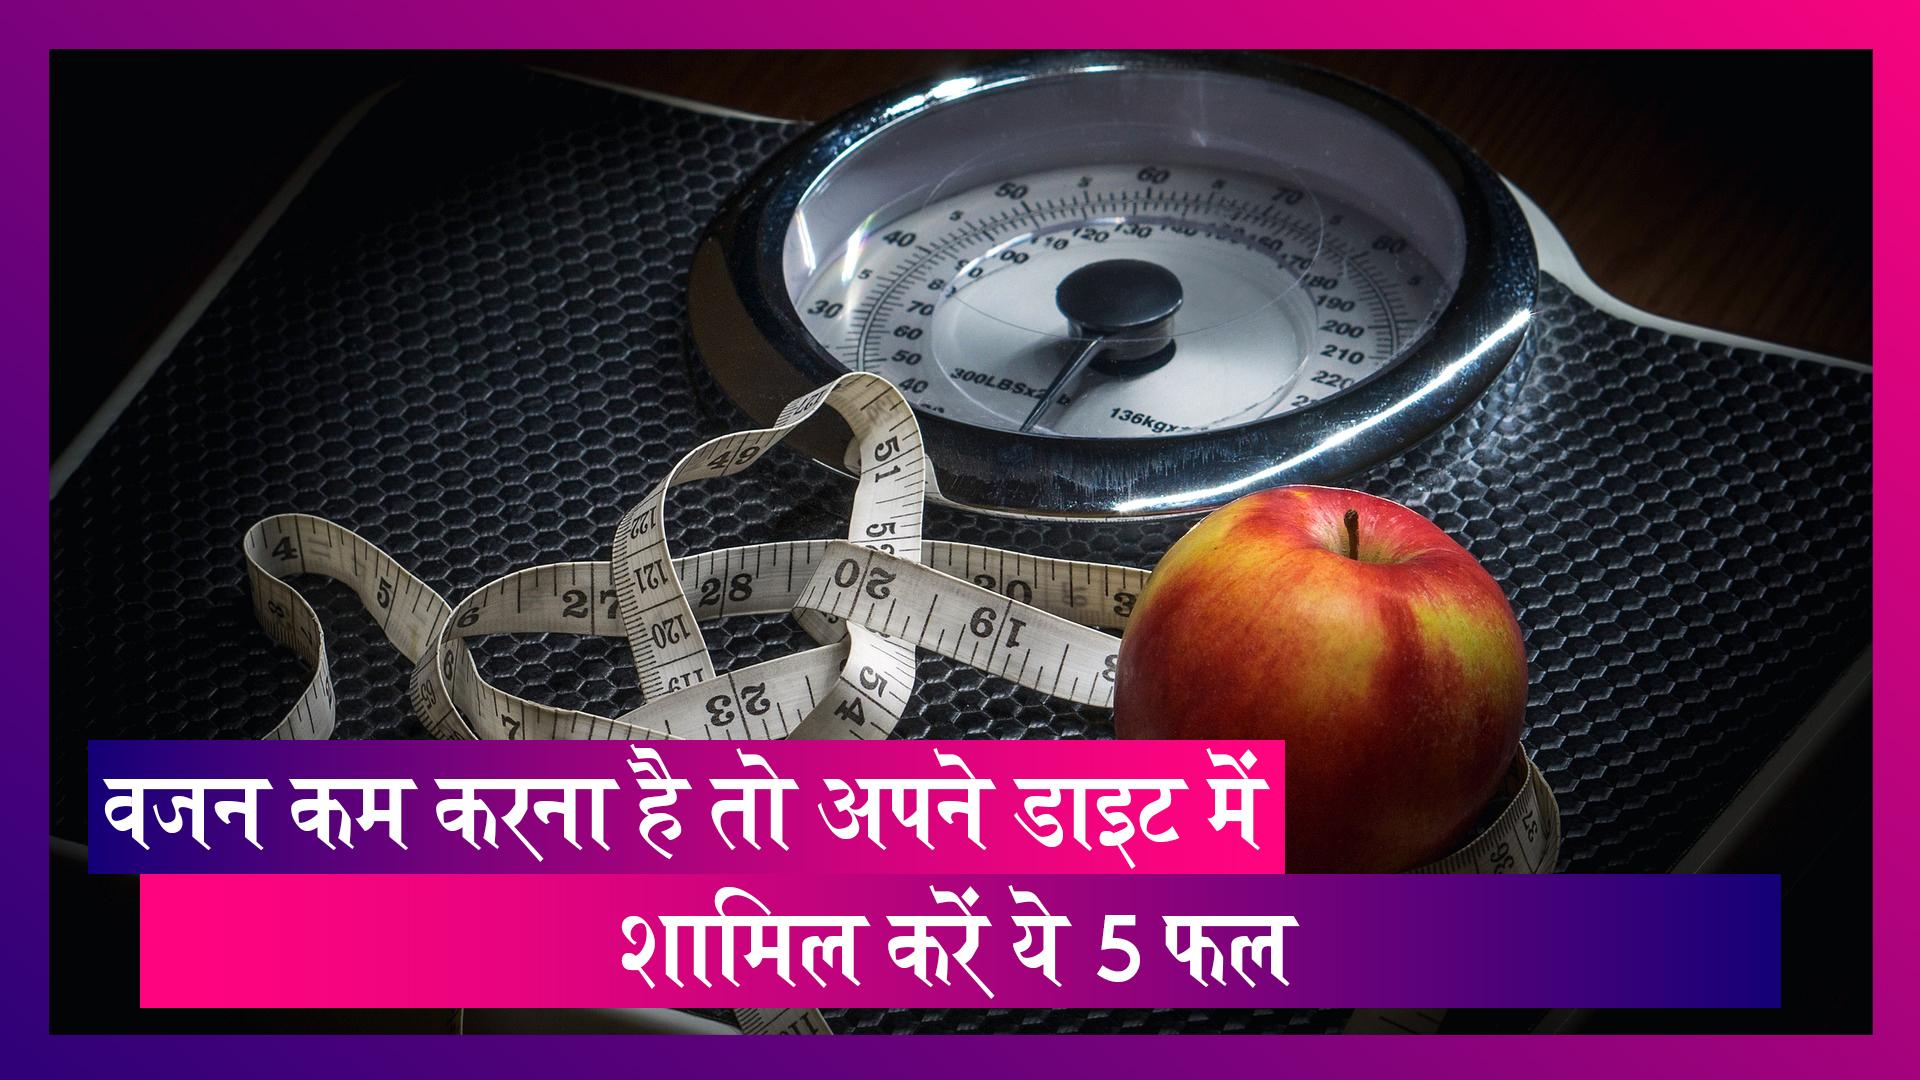 Weight Loss: ये 5 फल खाने से वजन कम होने में मिलती है मदद